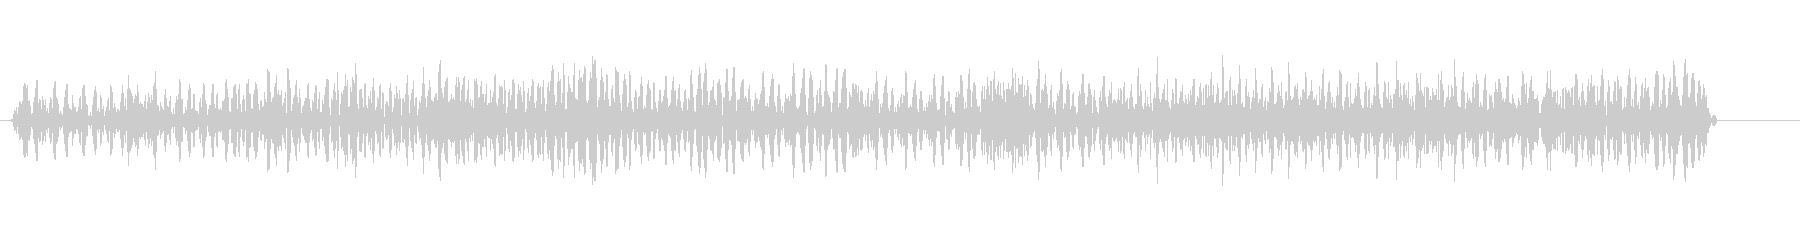 ブゥ〜ンブゥ〜ン(不快な感じのノイズ音)の未再生の波形